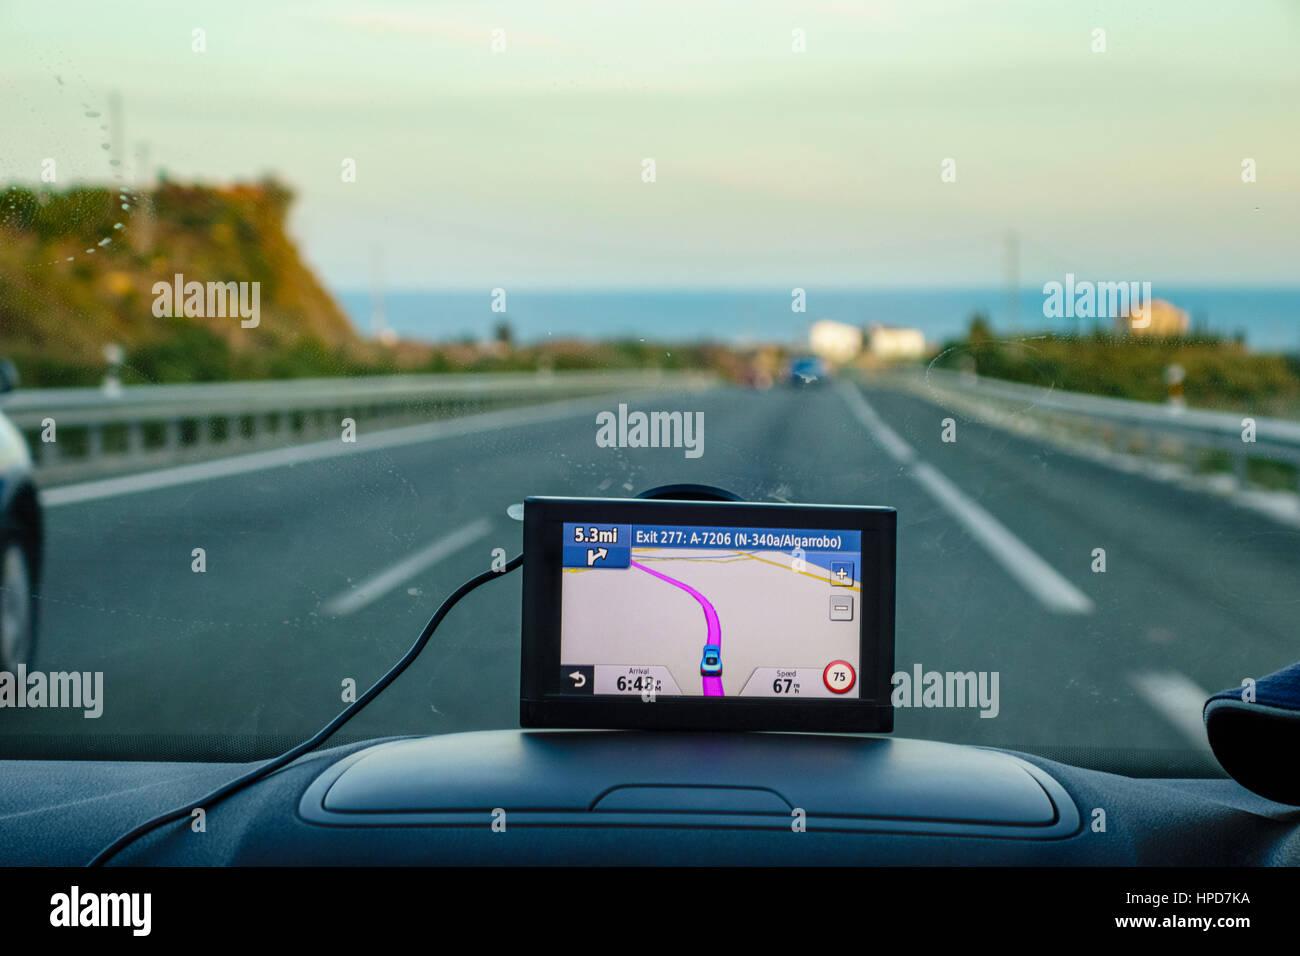 Satnav, Sat Nav o la navigazione satellitare GPS in auto. Regno Unito auto con satnav sul cruscotto Costa del Sol Immagini Stock